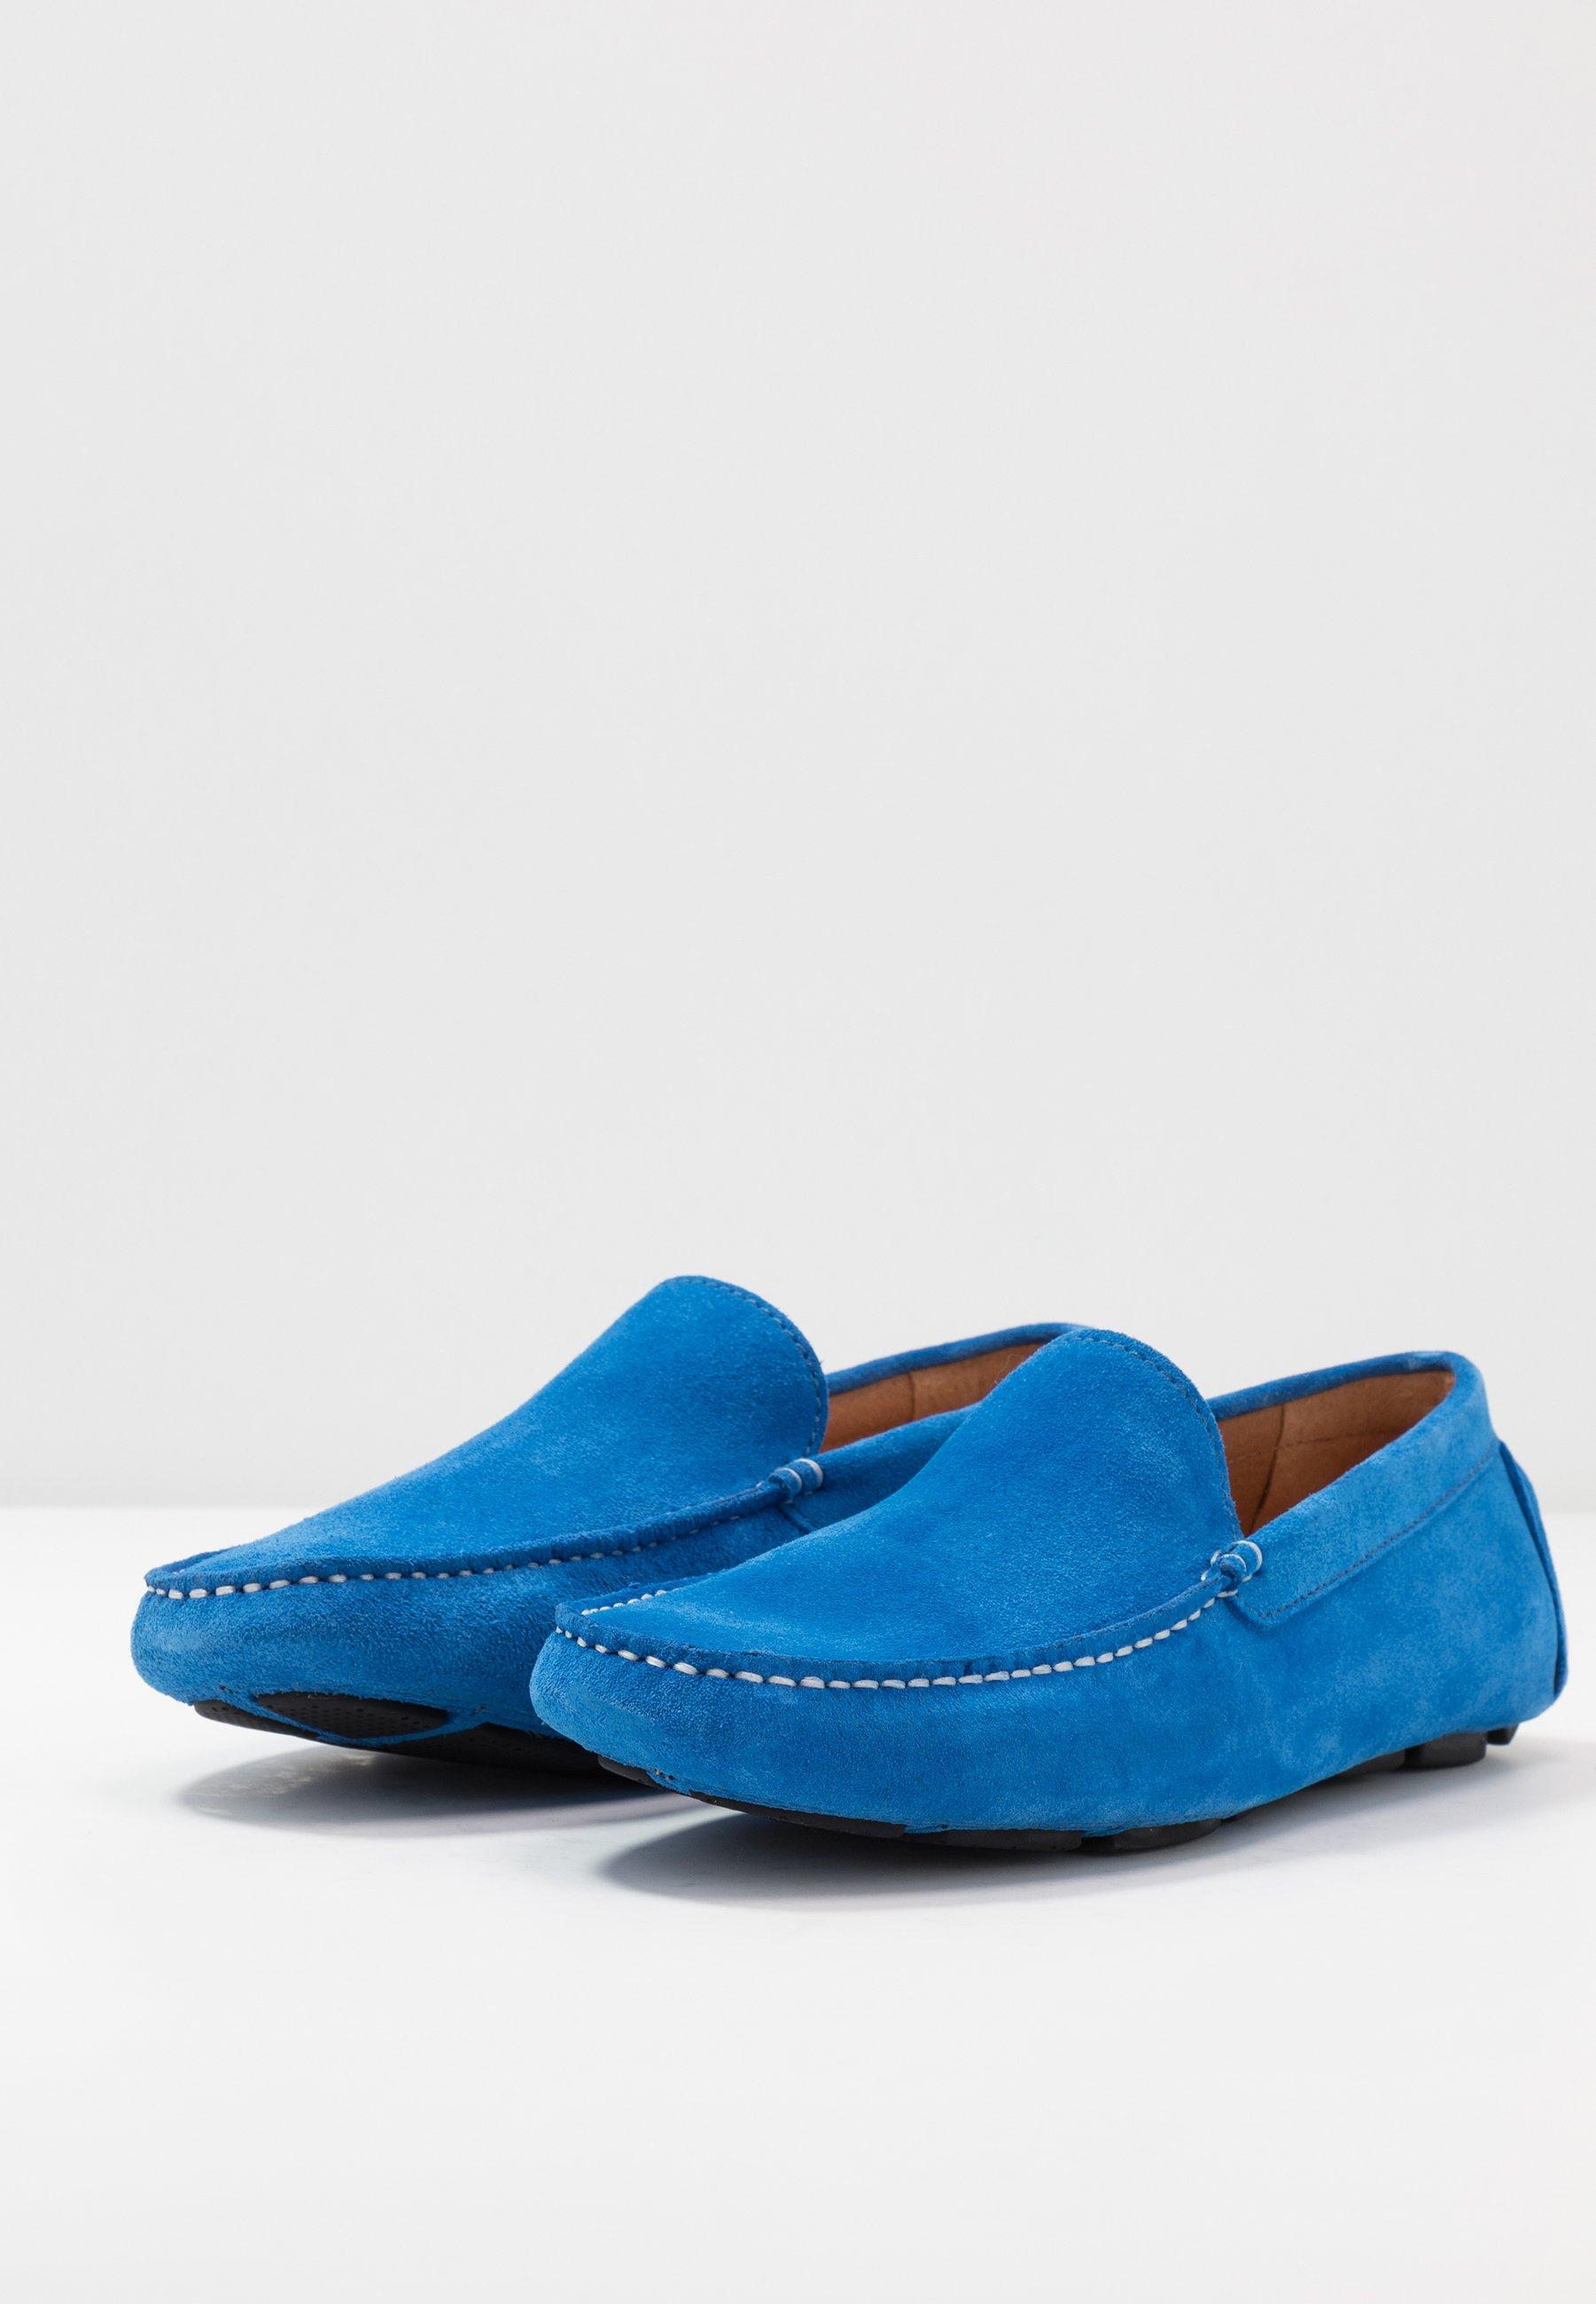 Zign Mockasiner - royal blue